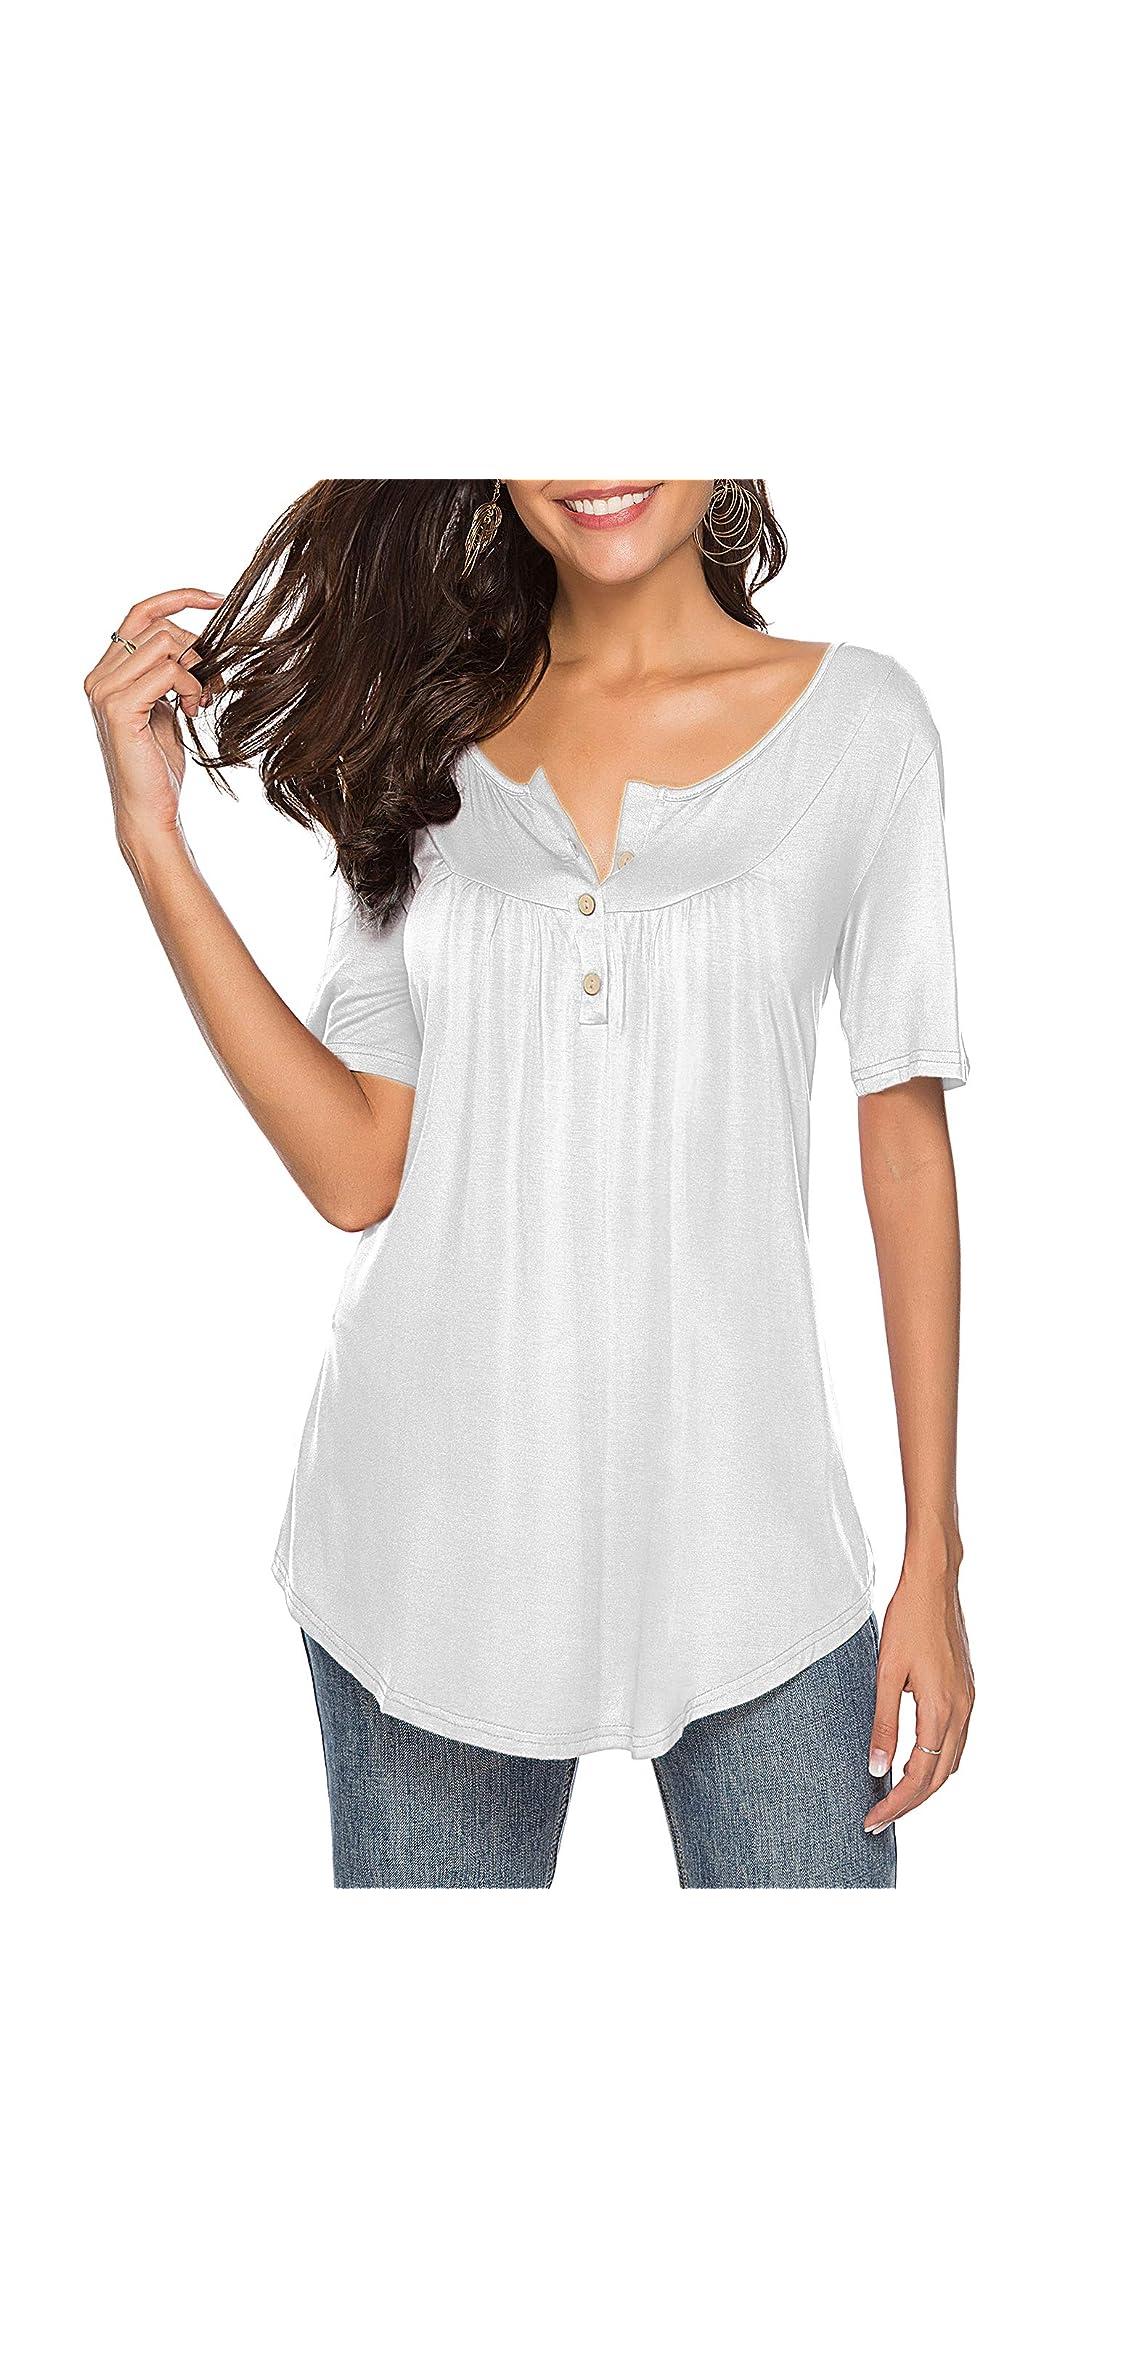 Womens Shirts Casual Tee Shirts V Neck Short Up